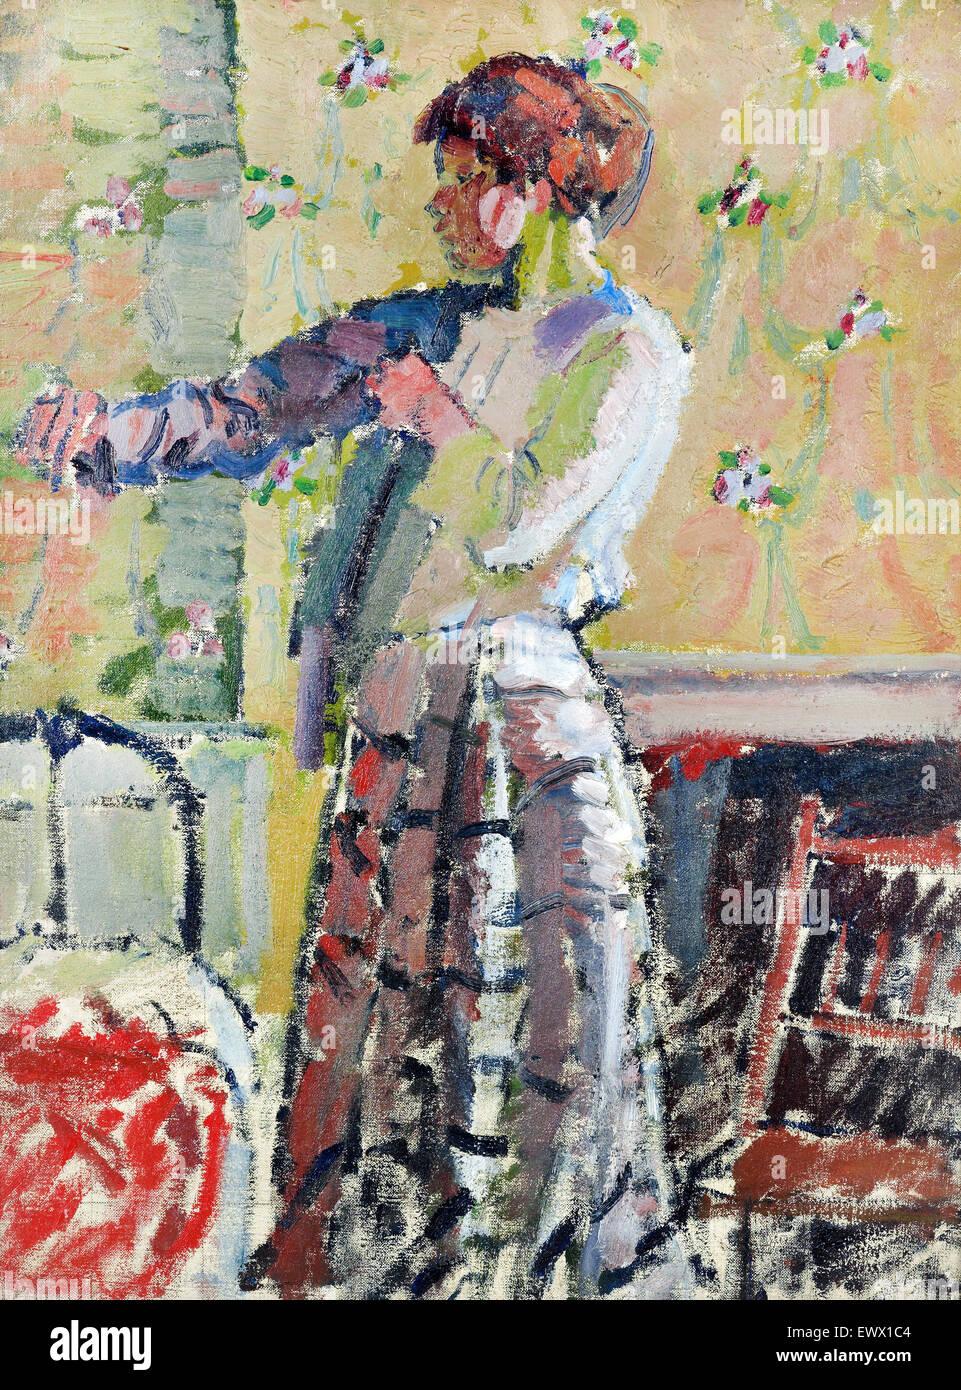 Harold Gilman, ragazza vestire. Circa 1912. Olio su tela. Il Te Papa Museum Tongarew, Nuova Zelanda. Immagini Stock